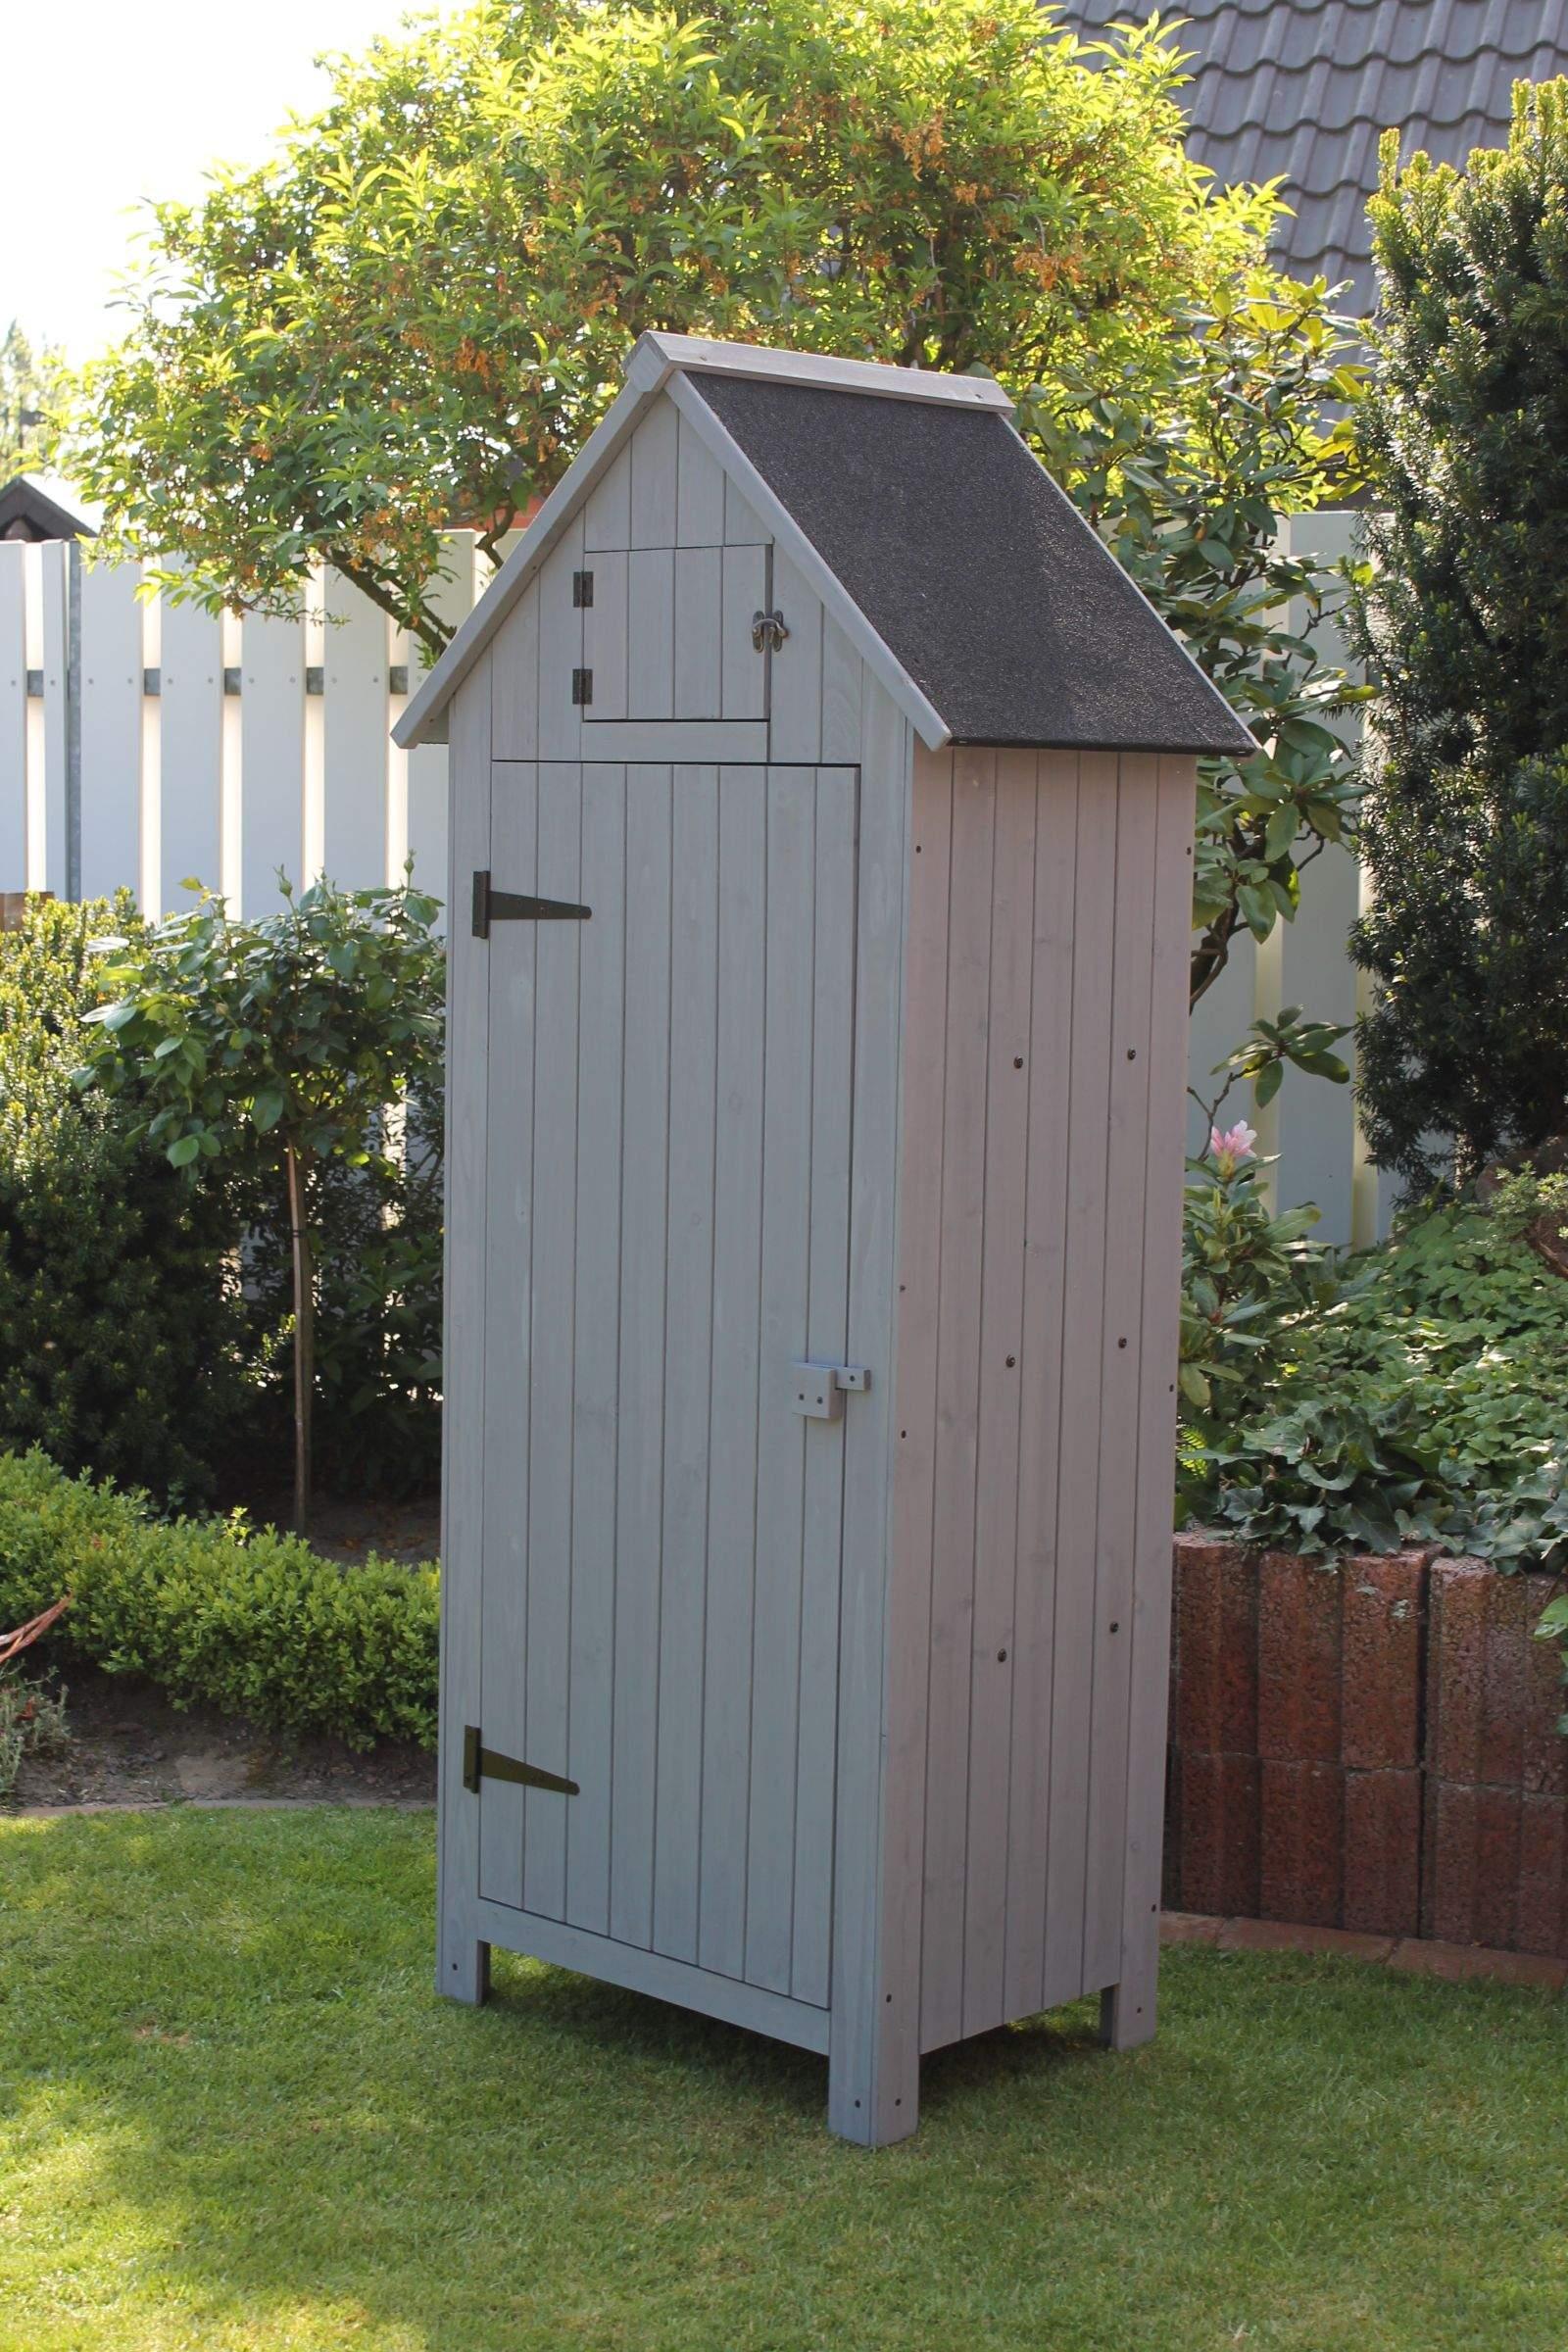 114 Gartenschrank im Vintage Look dunkelgrau 3 shop1